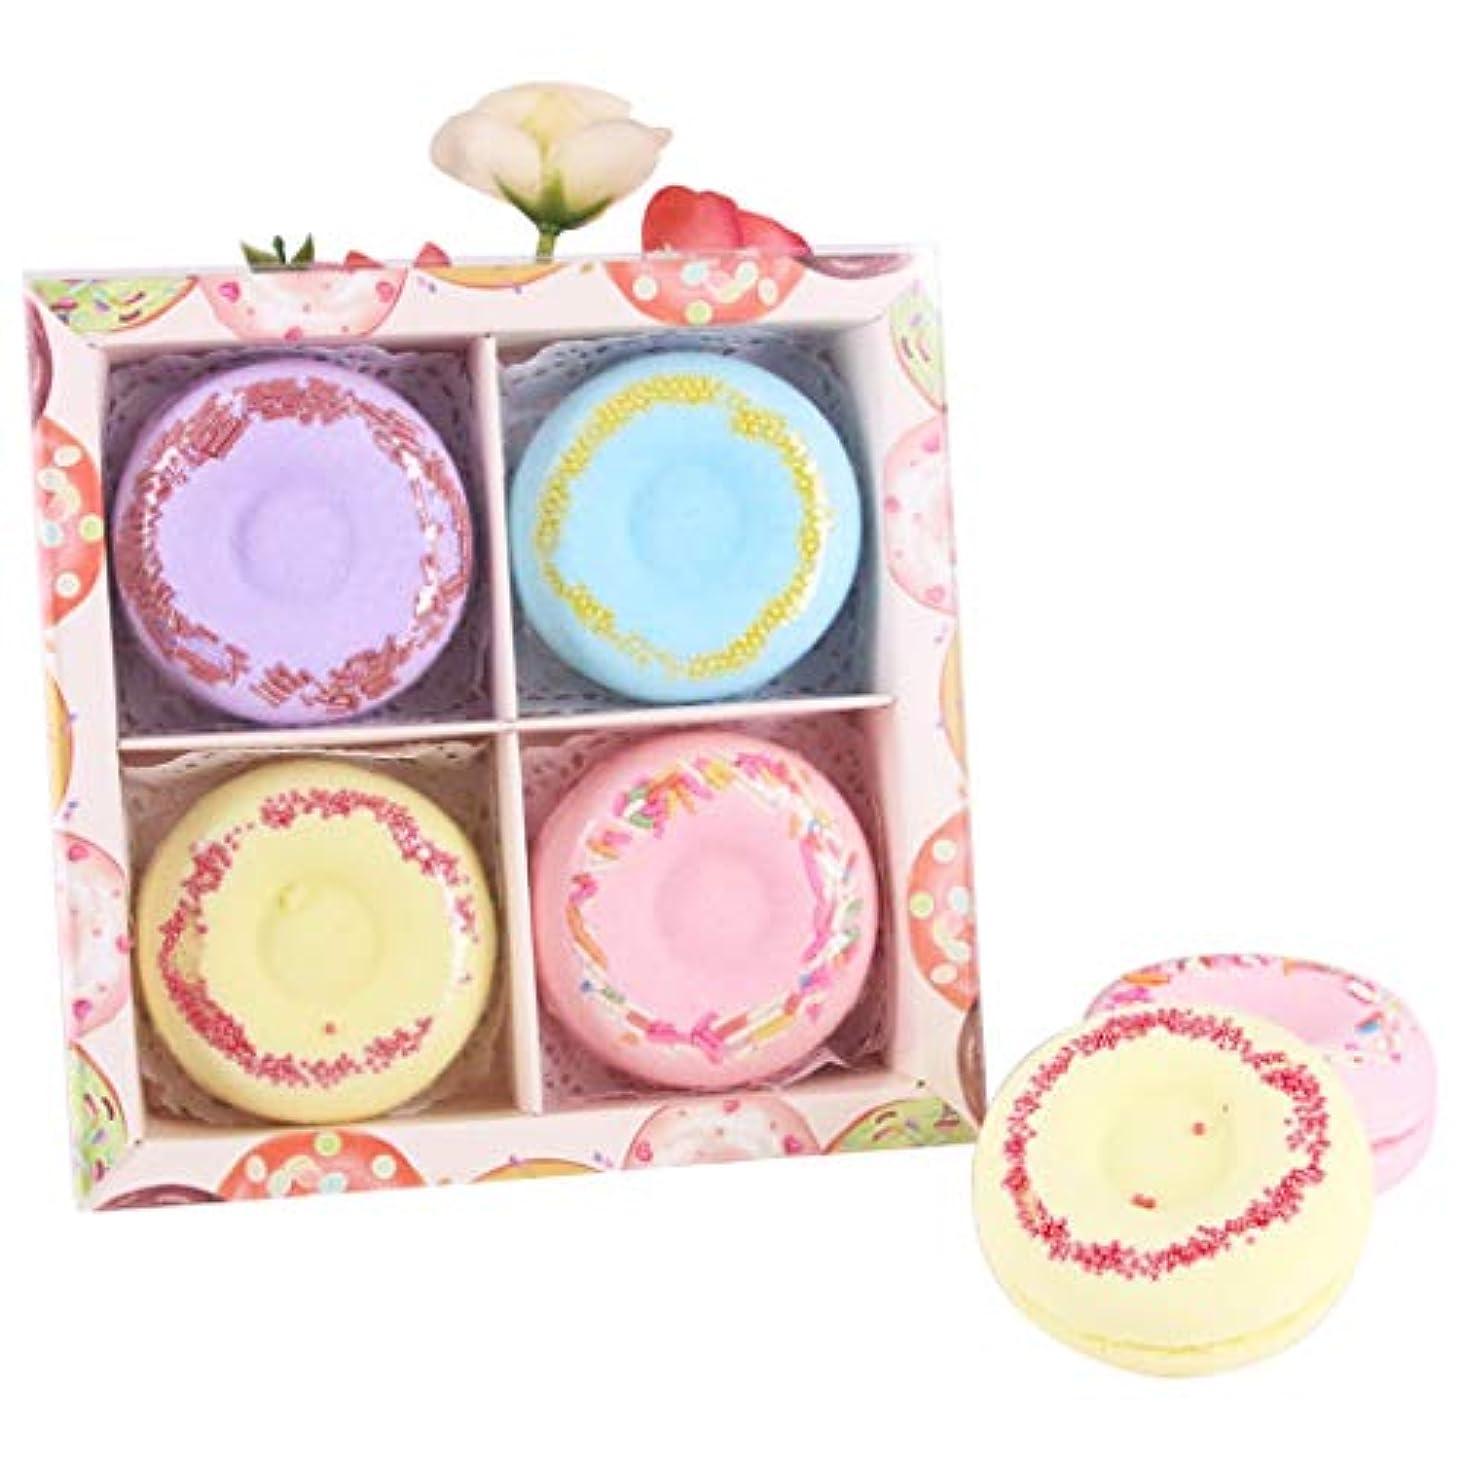 変わる取り組むカセットFunpa 4枚セット 入浴剤 入浴ボール ドーナツ型 可愛い 精油 香り残す バレンタインデー 彼女のプレゼント お風呂用